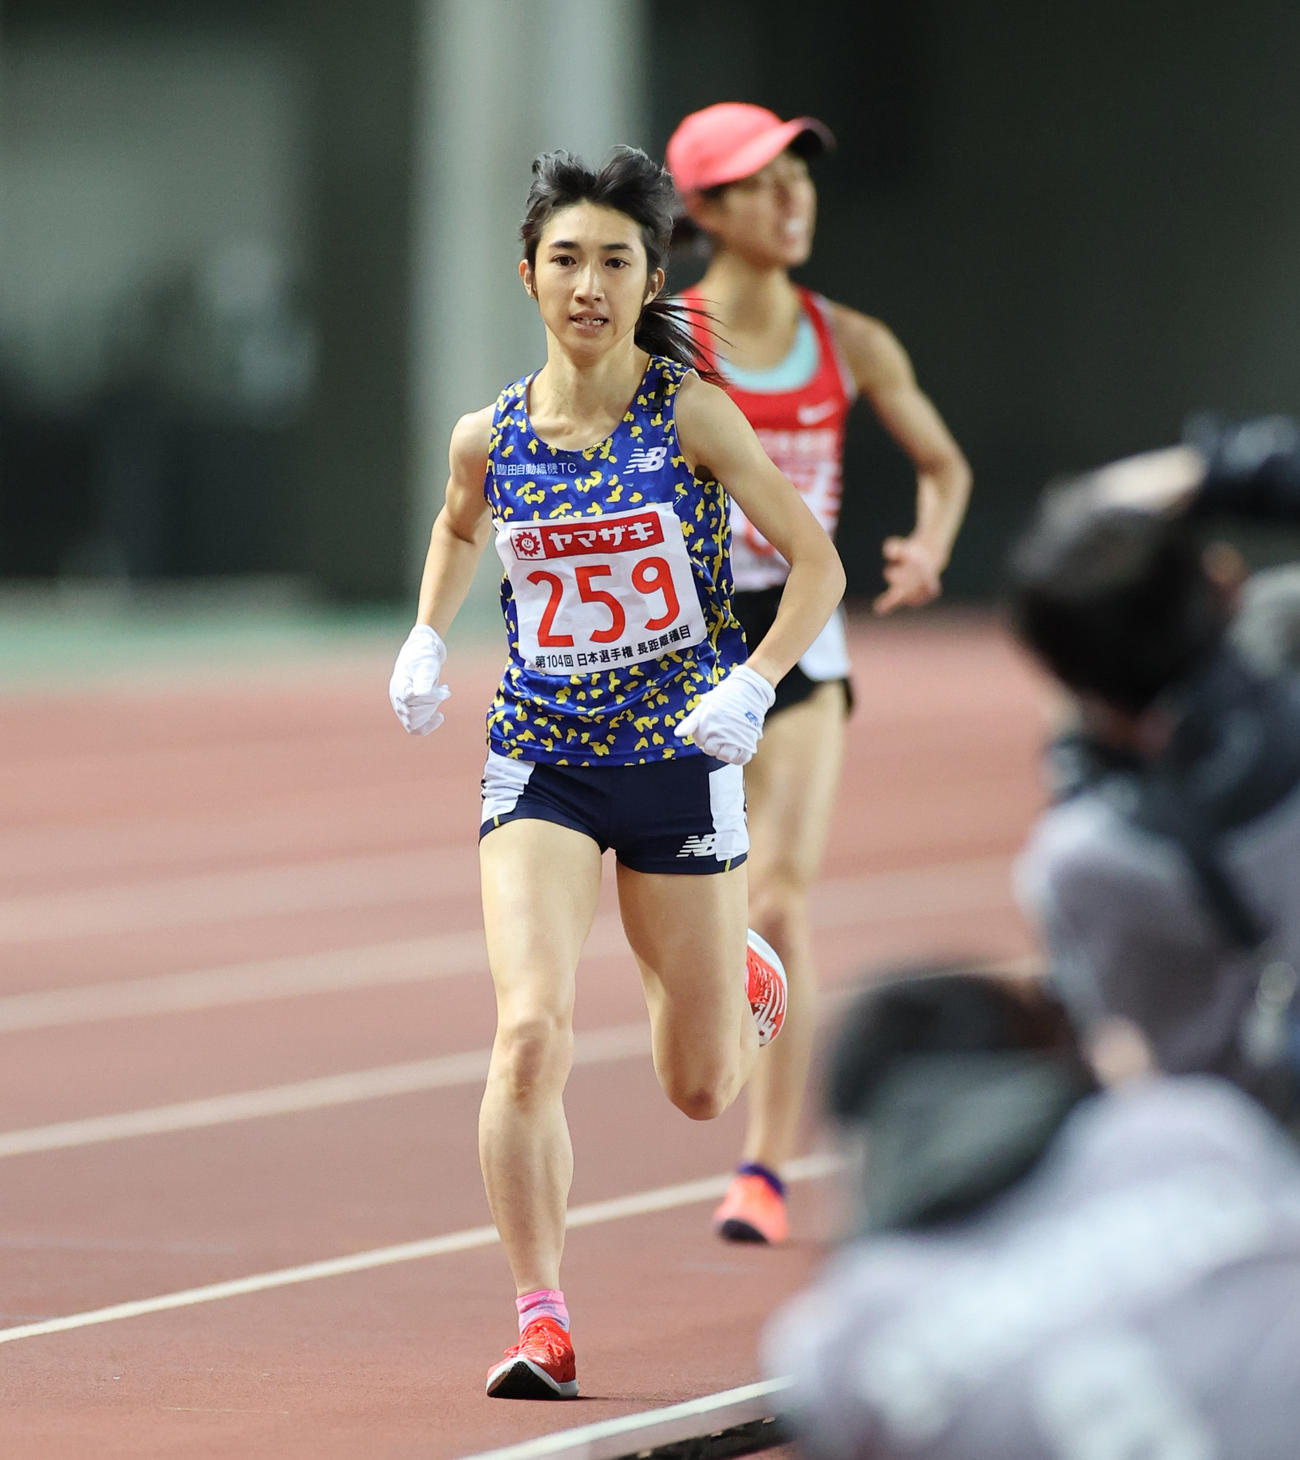 女子5000メートル 広中(後方)を破り15分5秒65で1位となる田中希実(撮影・清水貴仁)